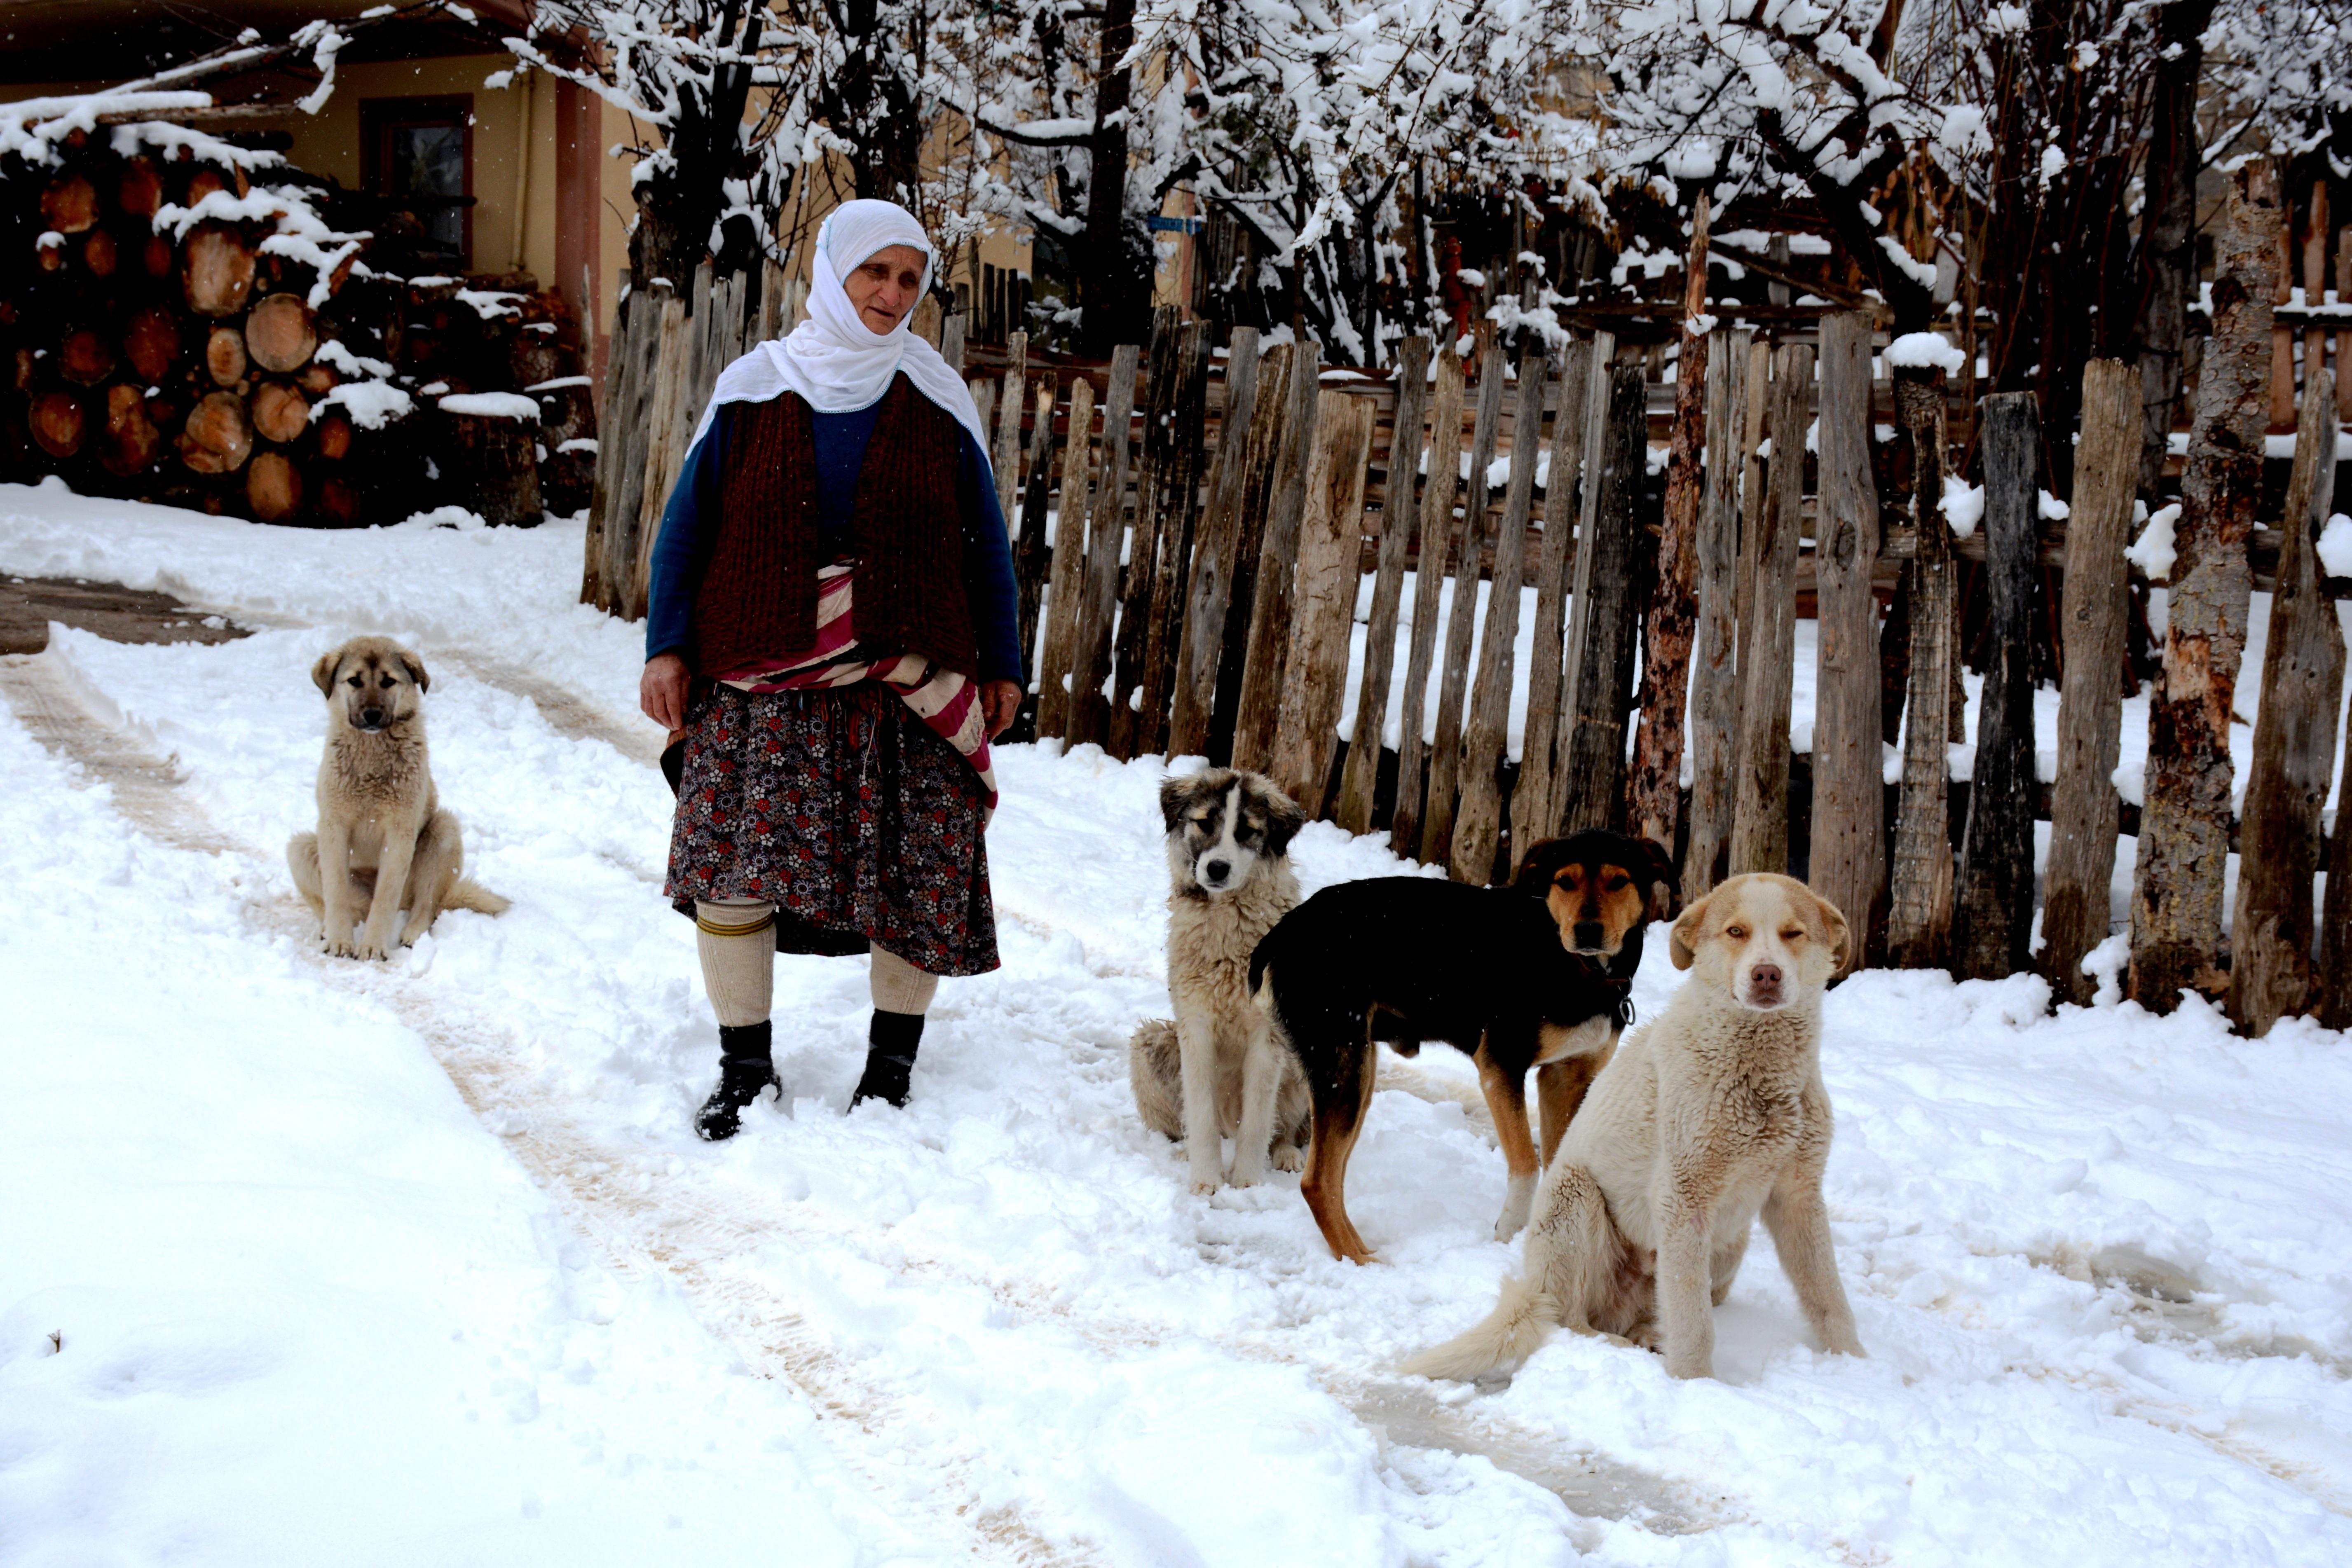 무료 이미지 눈 겨울 개 동물 마을 날씨 시즌 터키